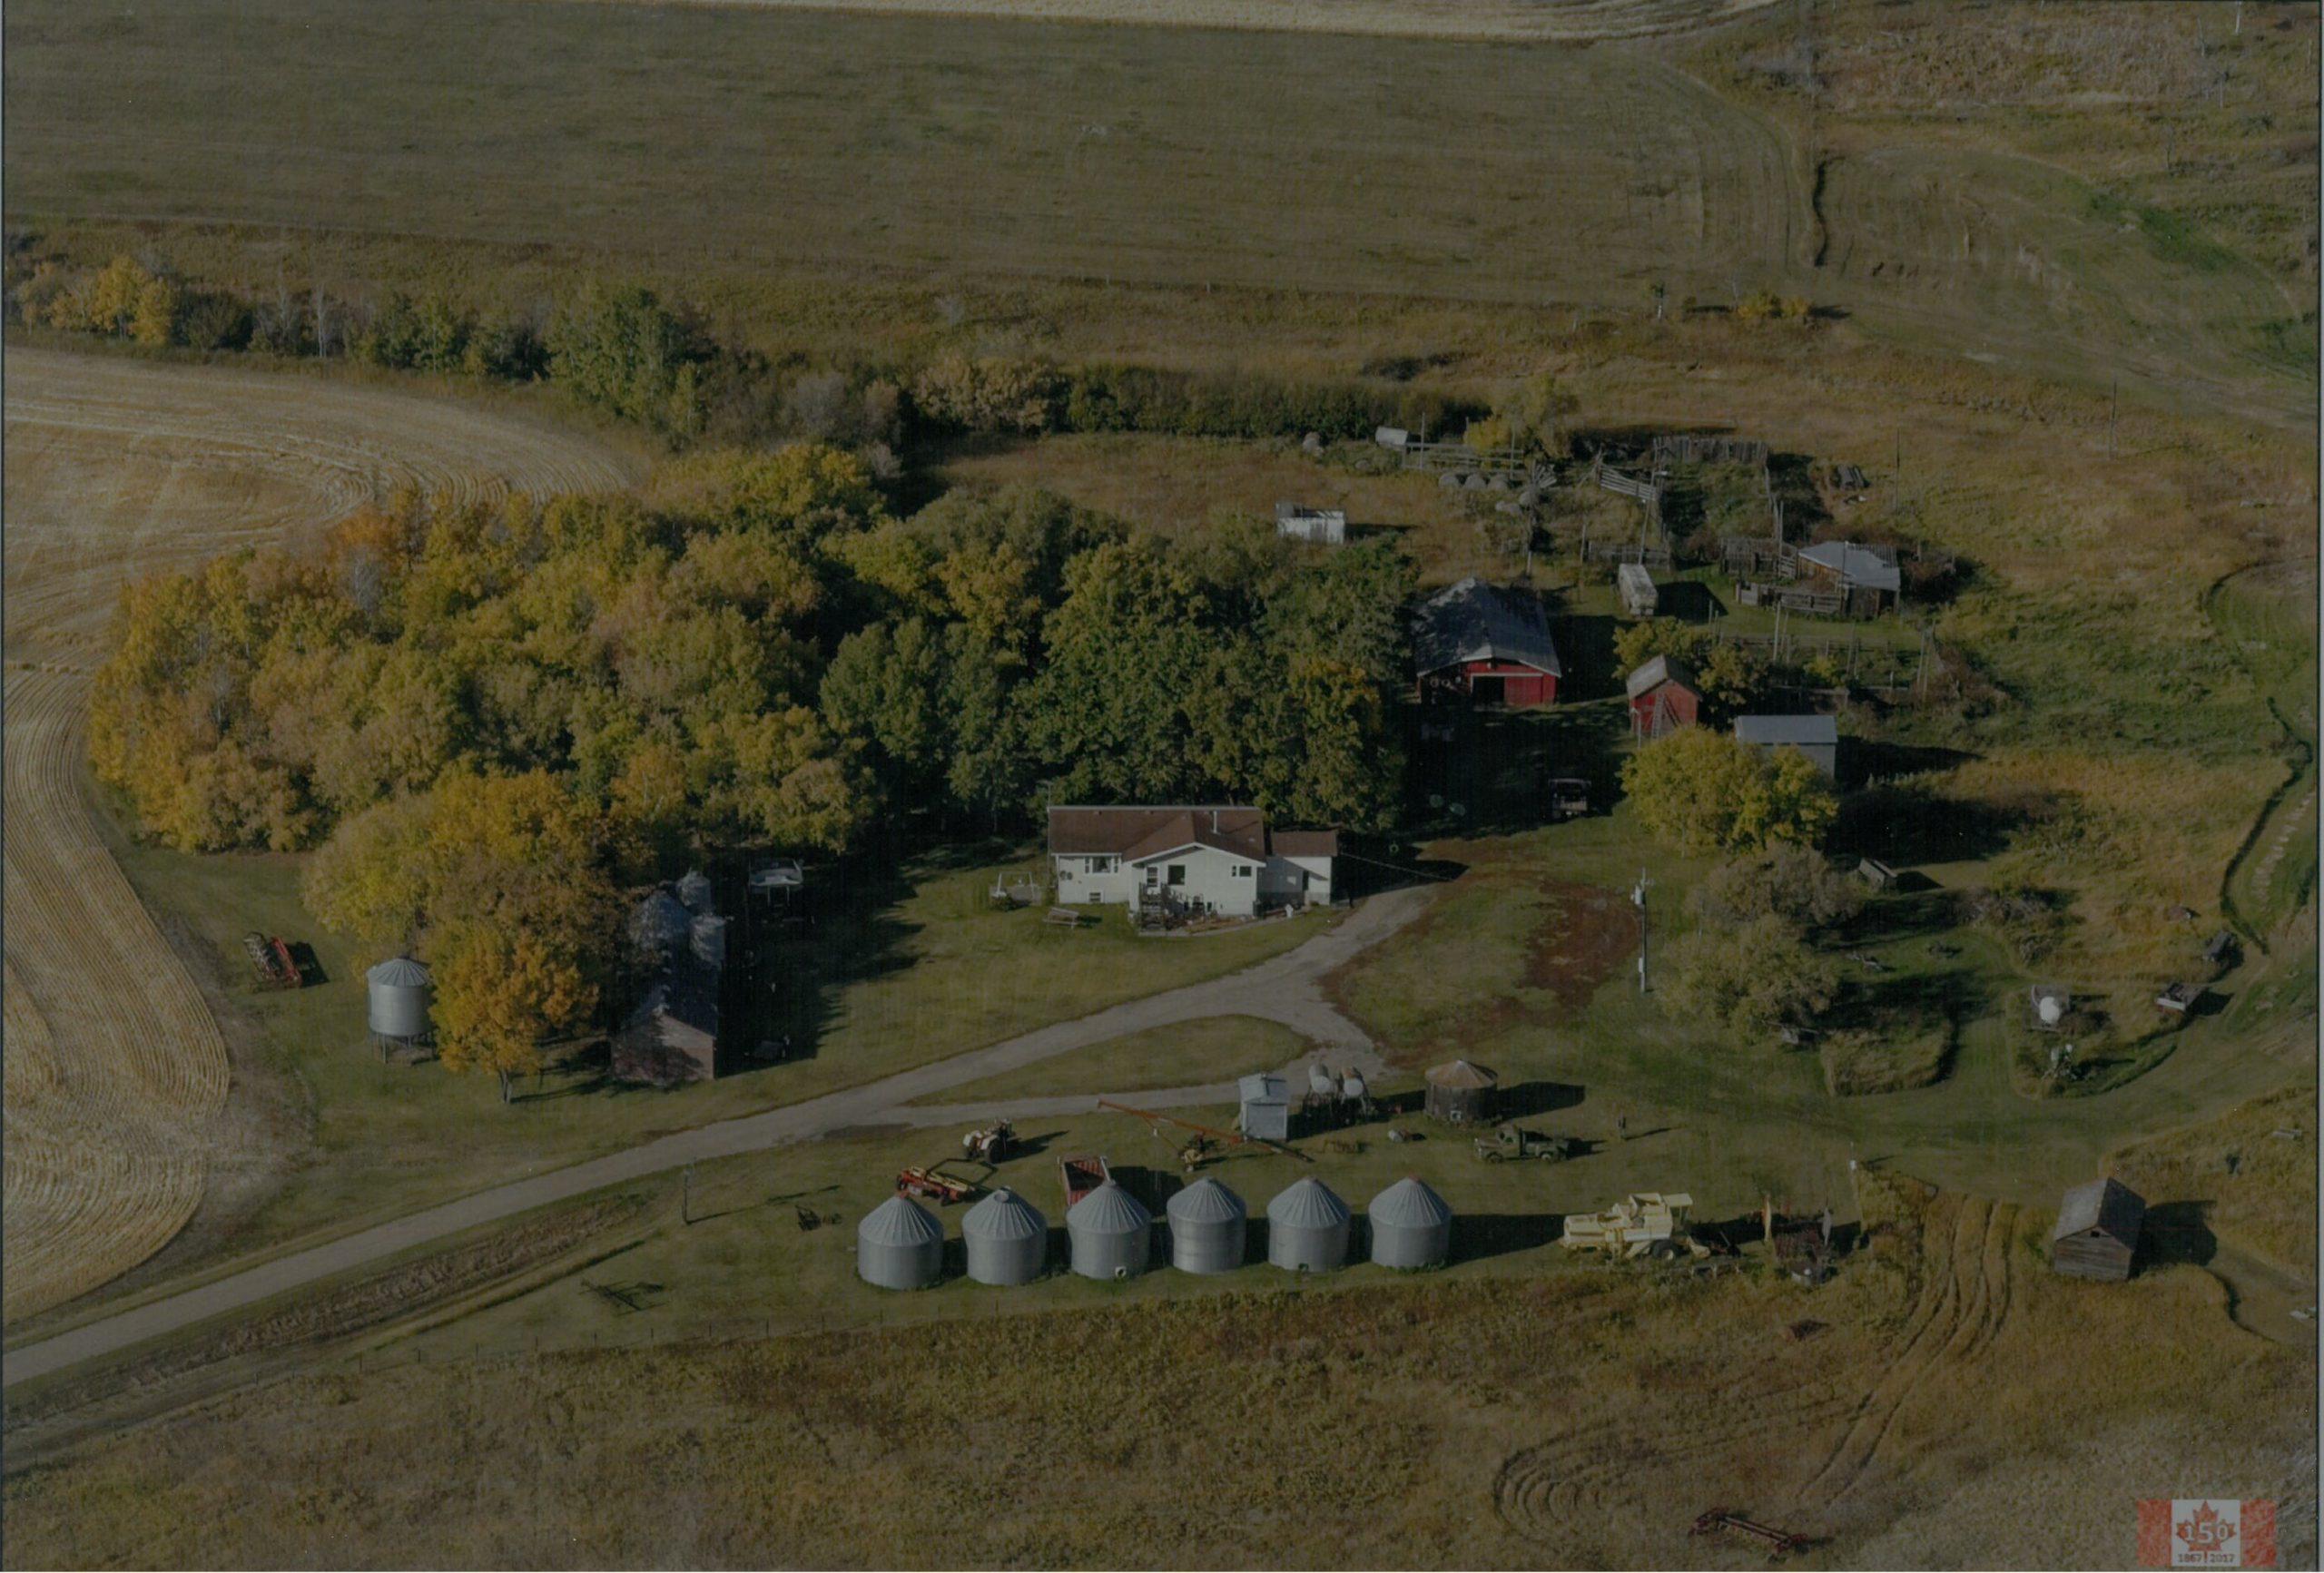 Deptuck Farm